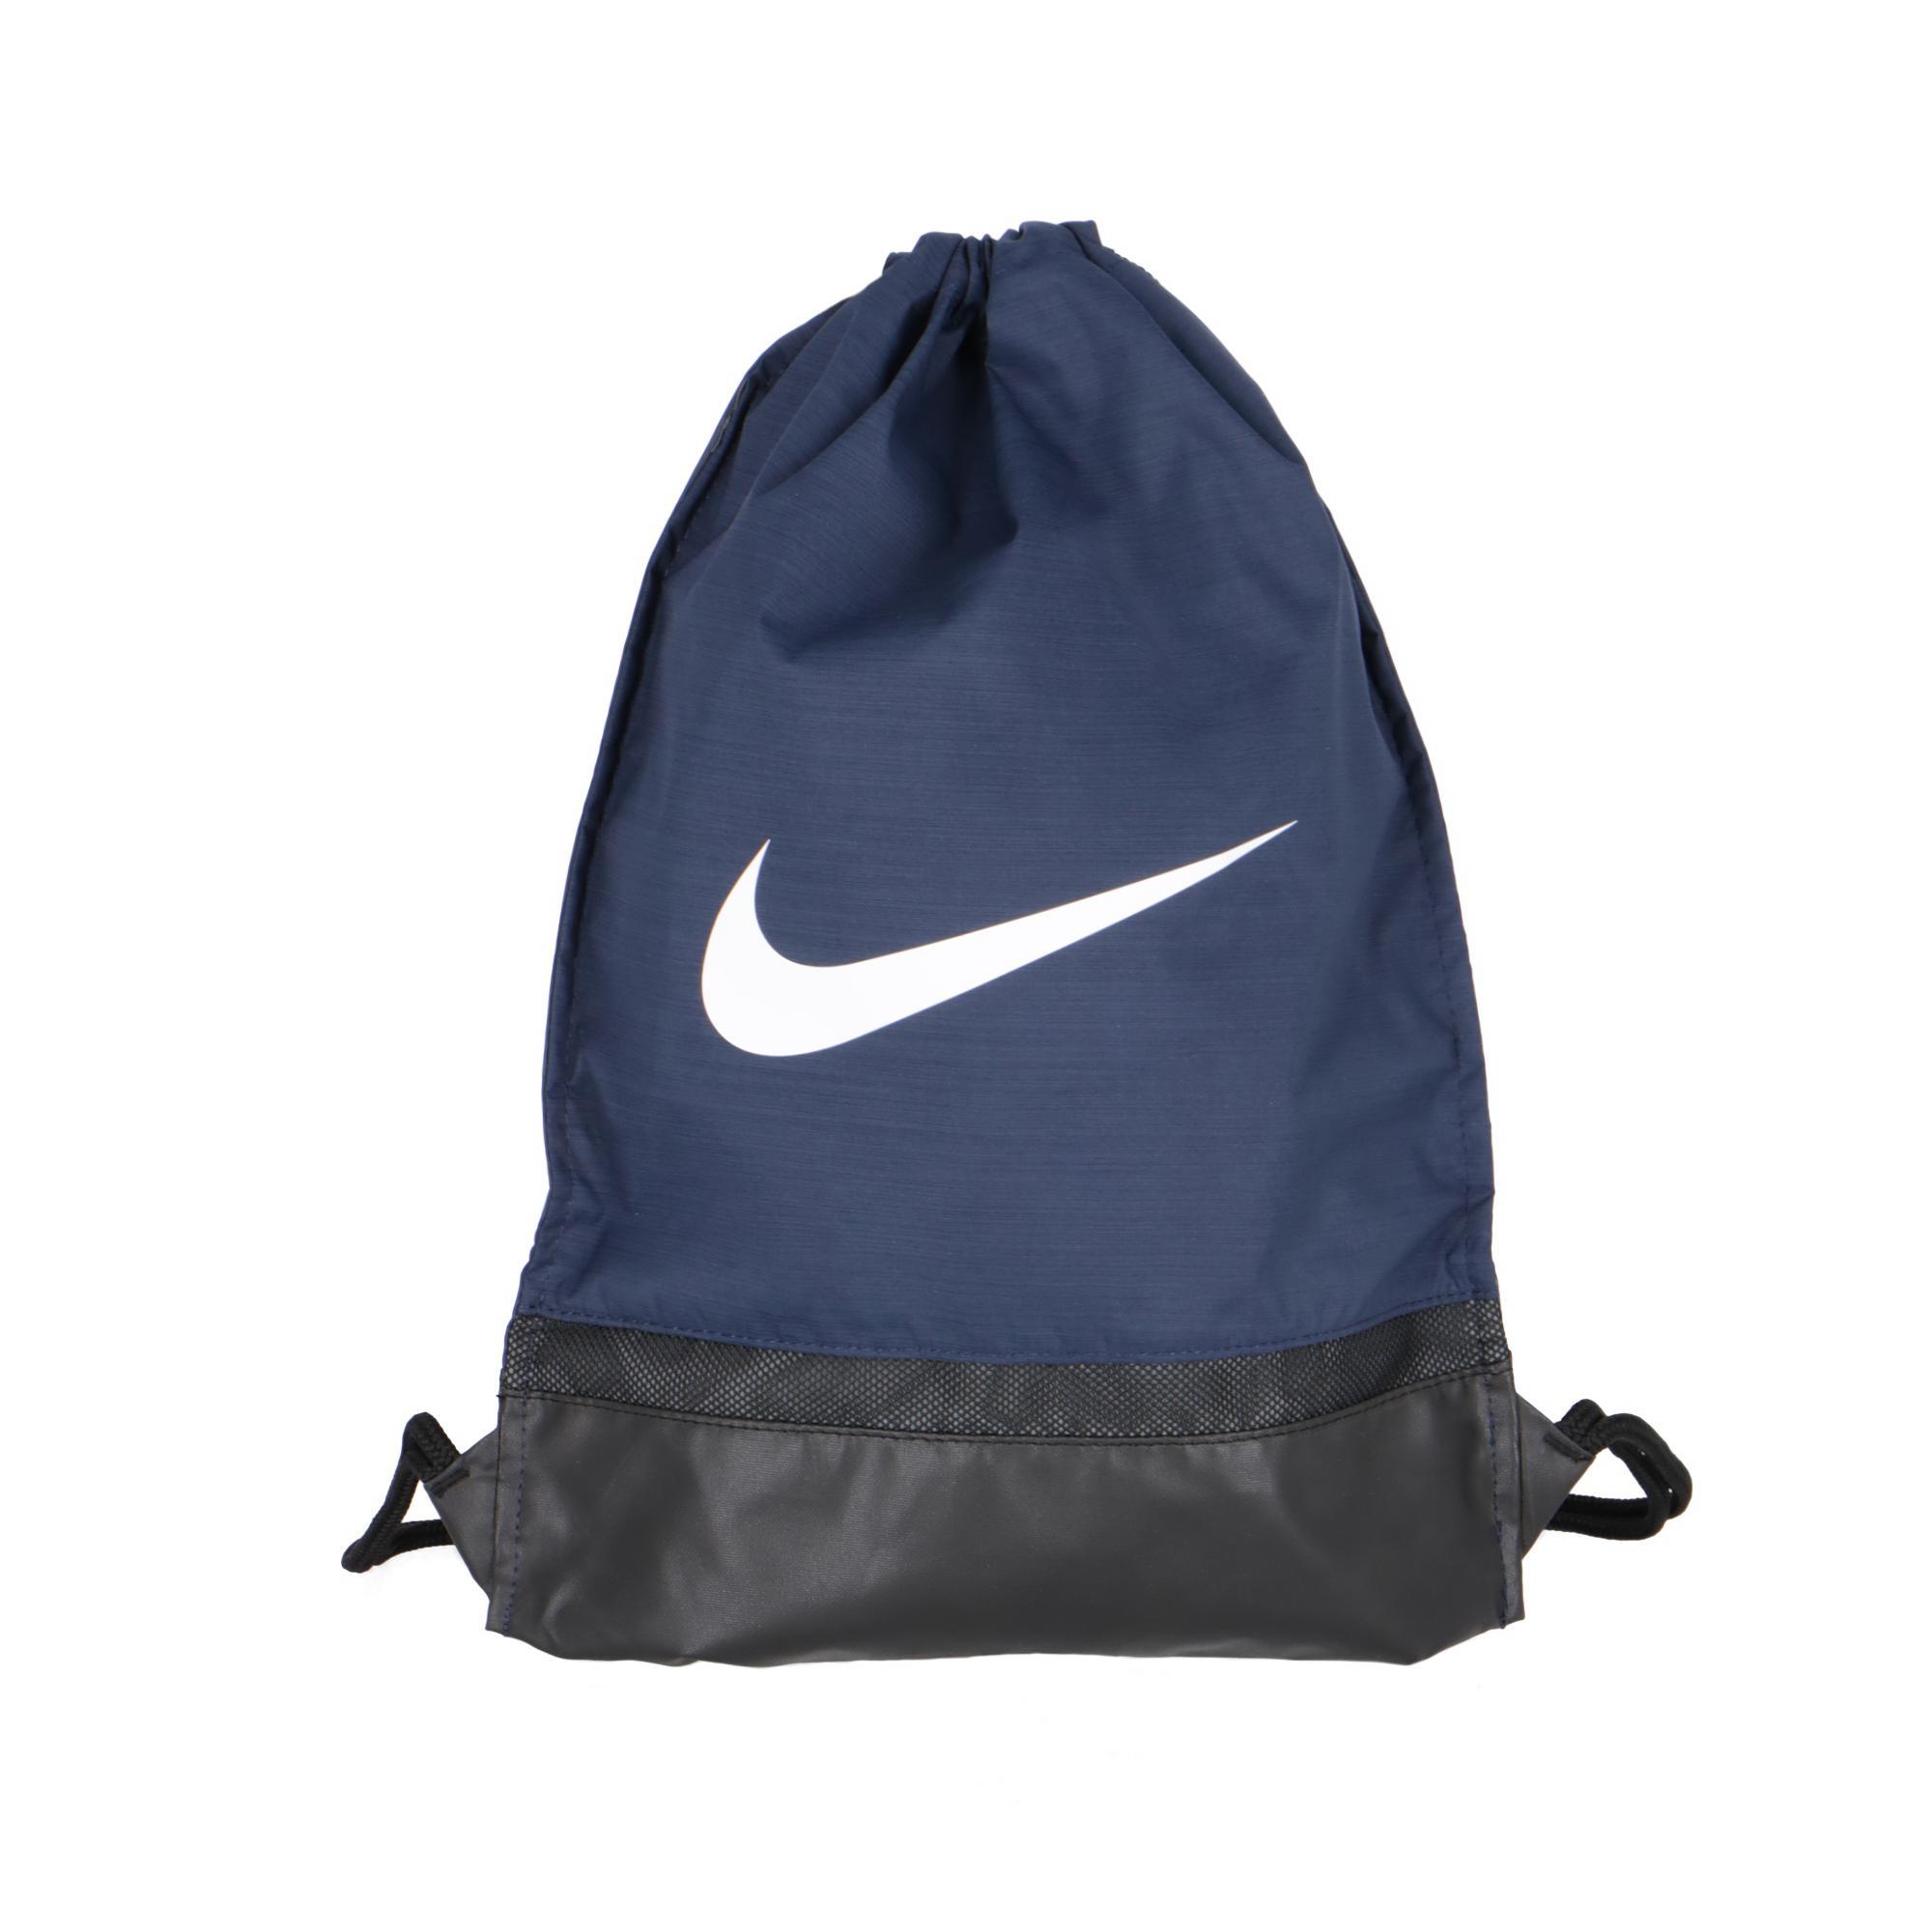 f464c09616 Nike Brasilia Gym Sack Midnight Navy white